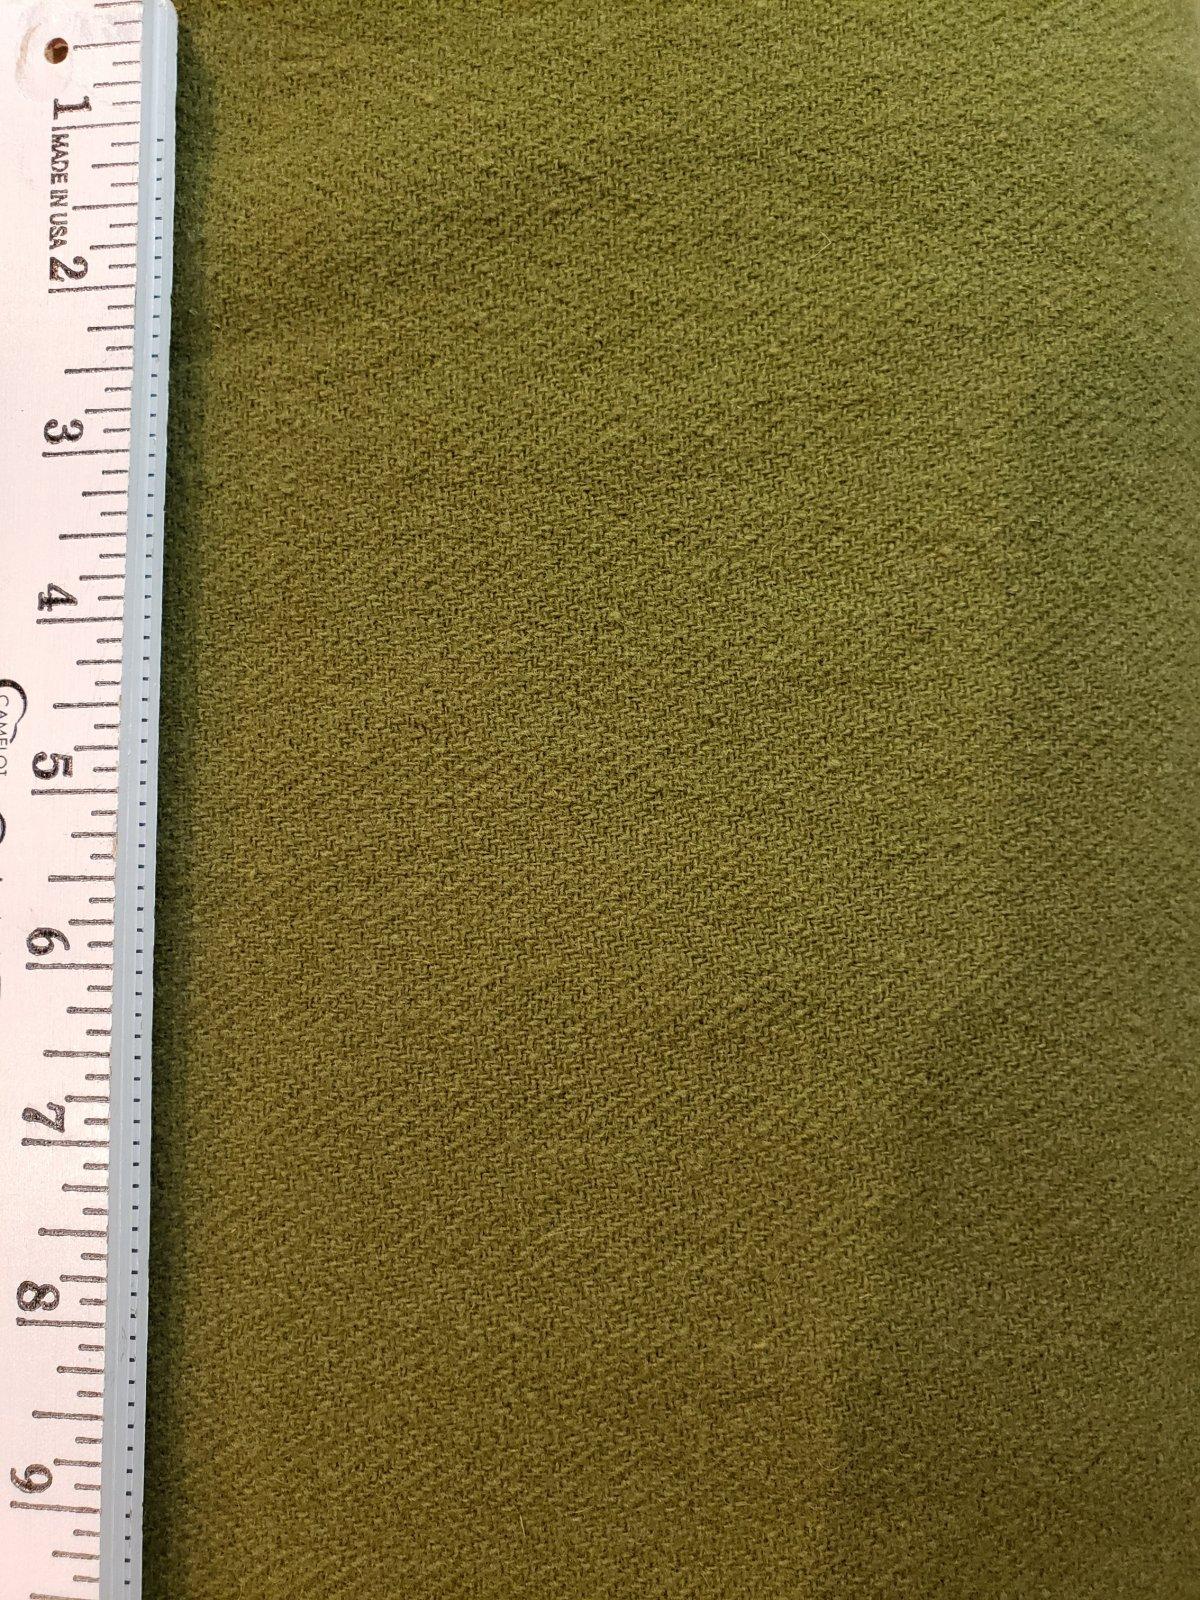 Wool - Moss Green